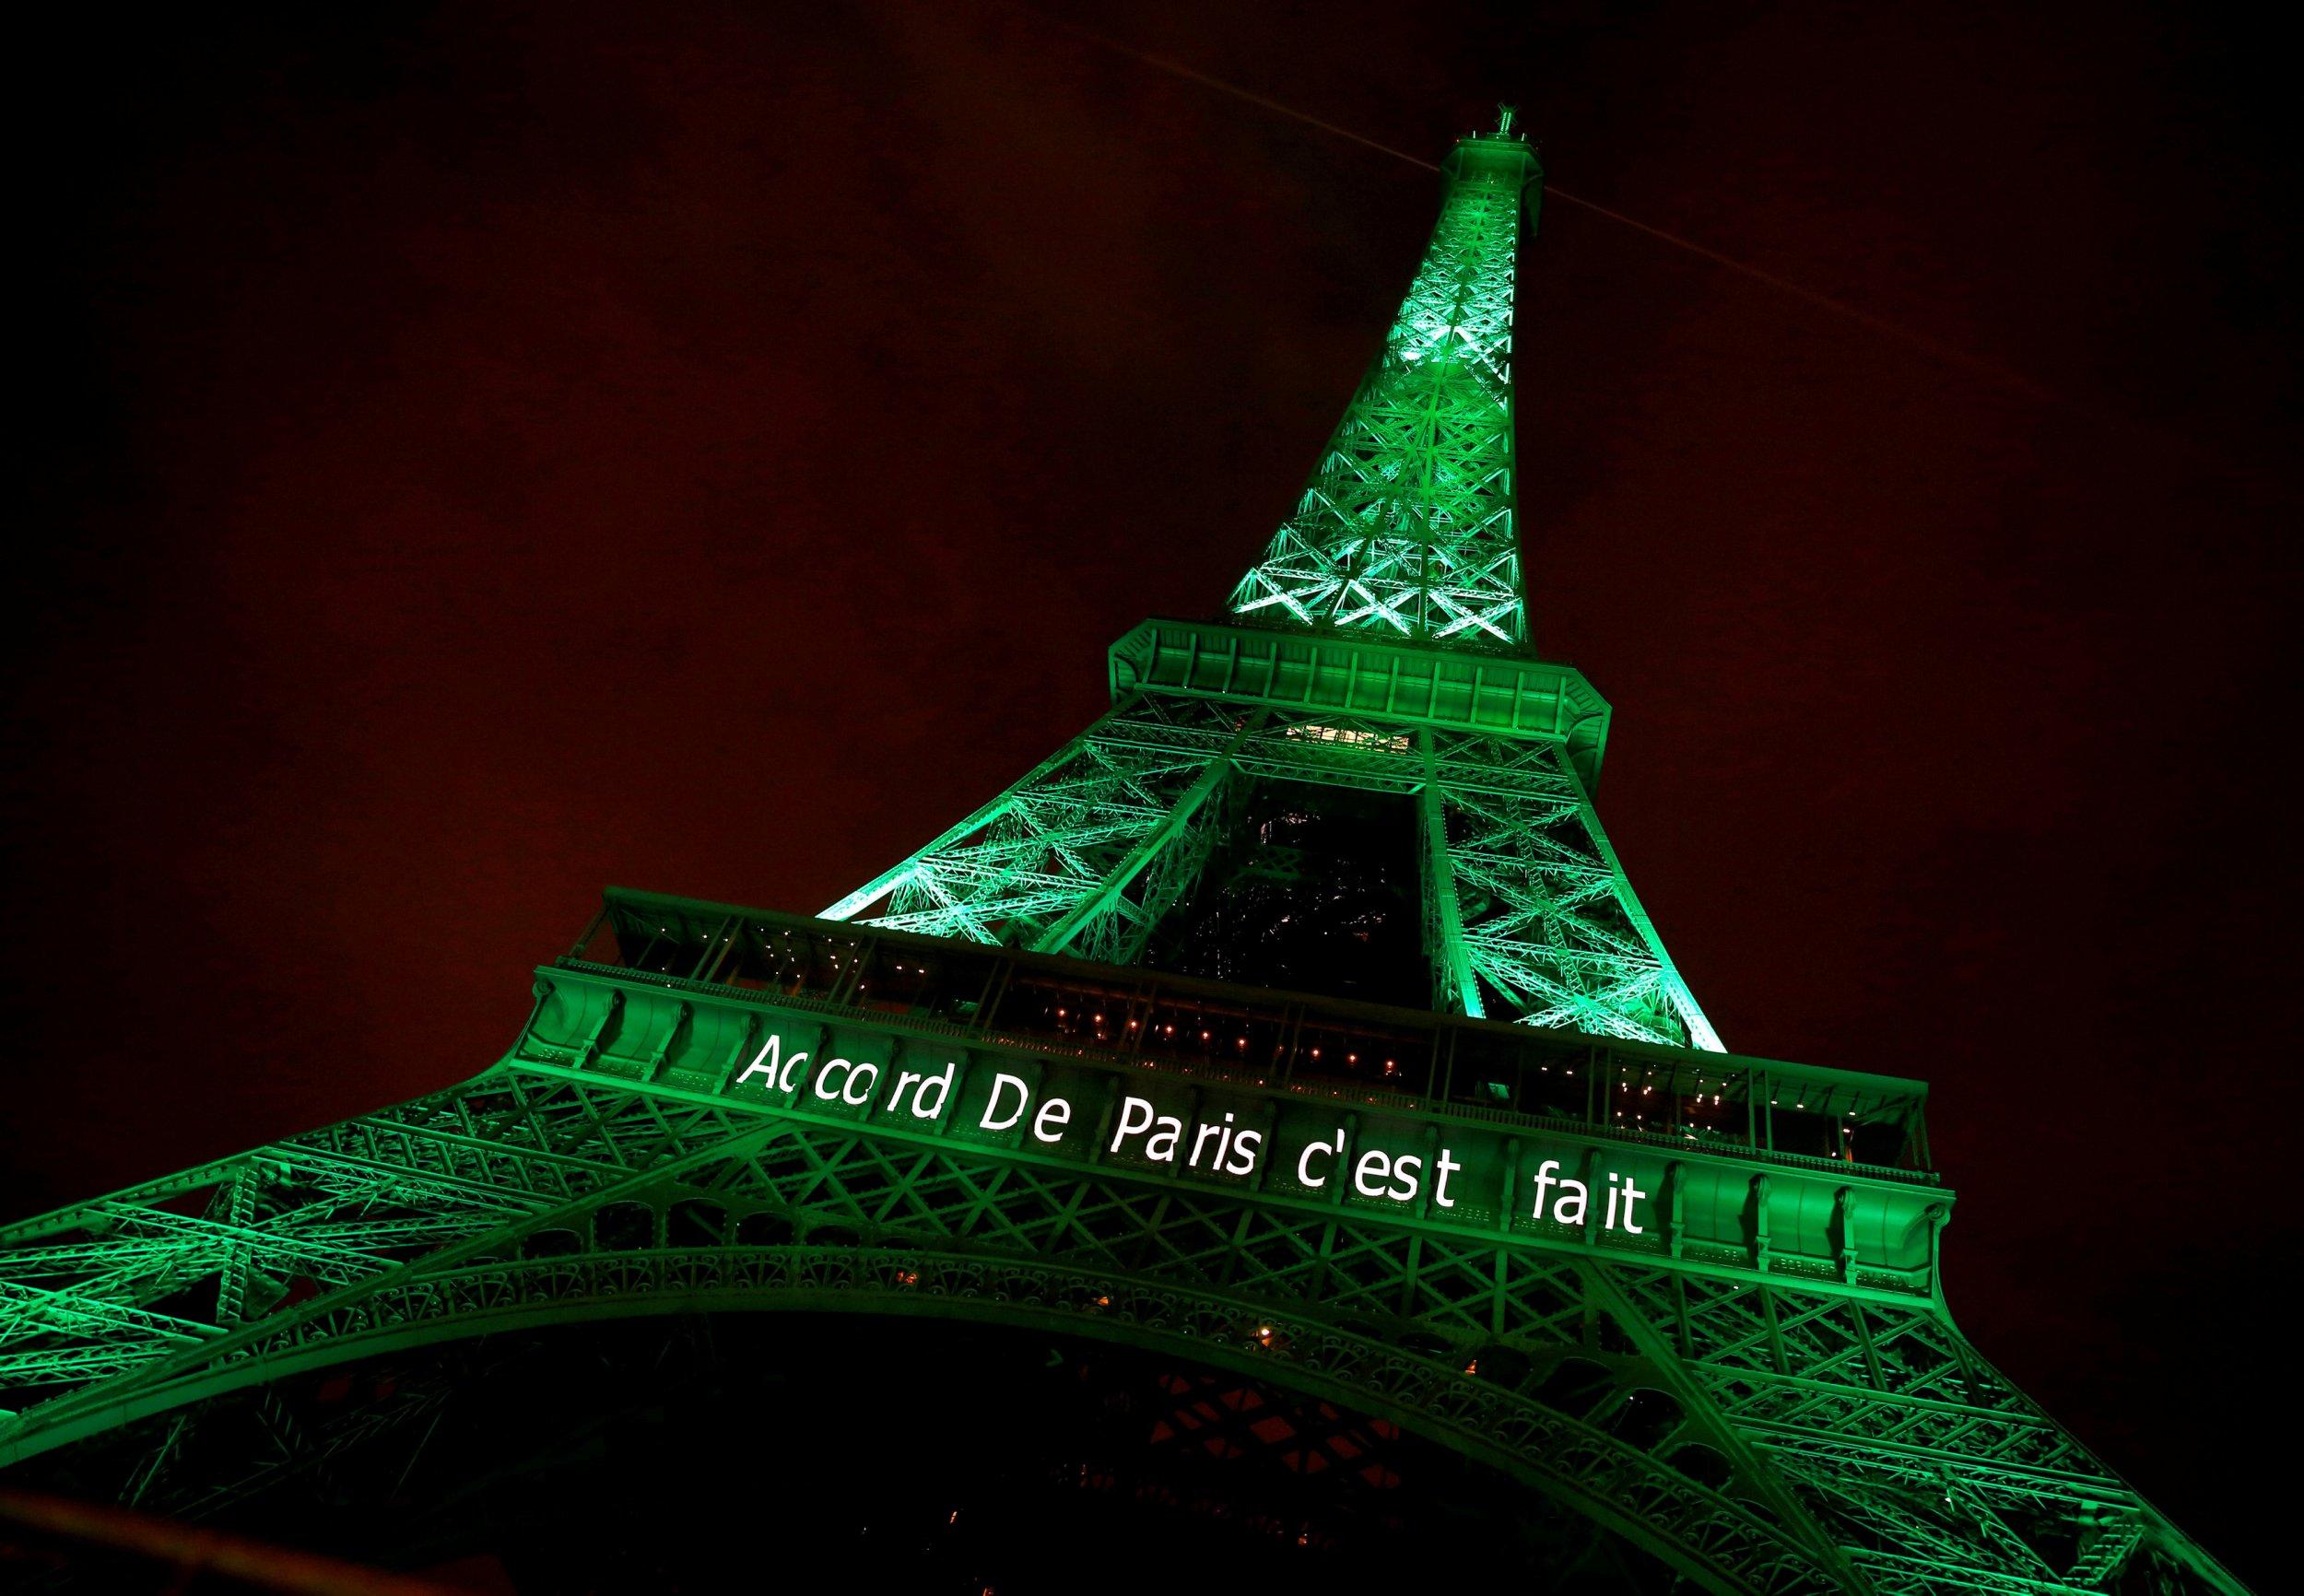 531_Paris Agreement